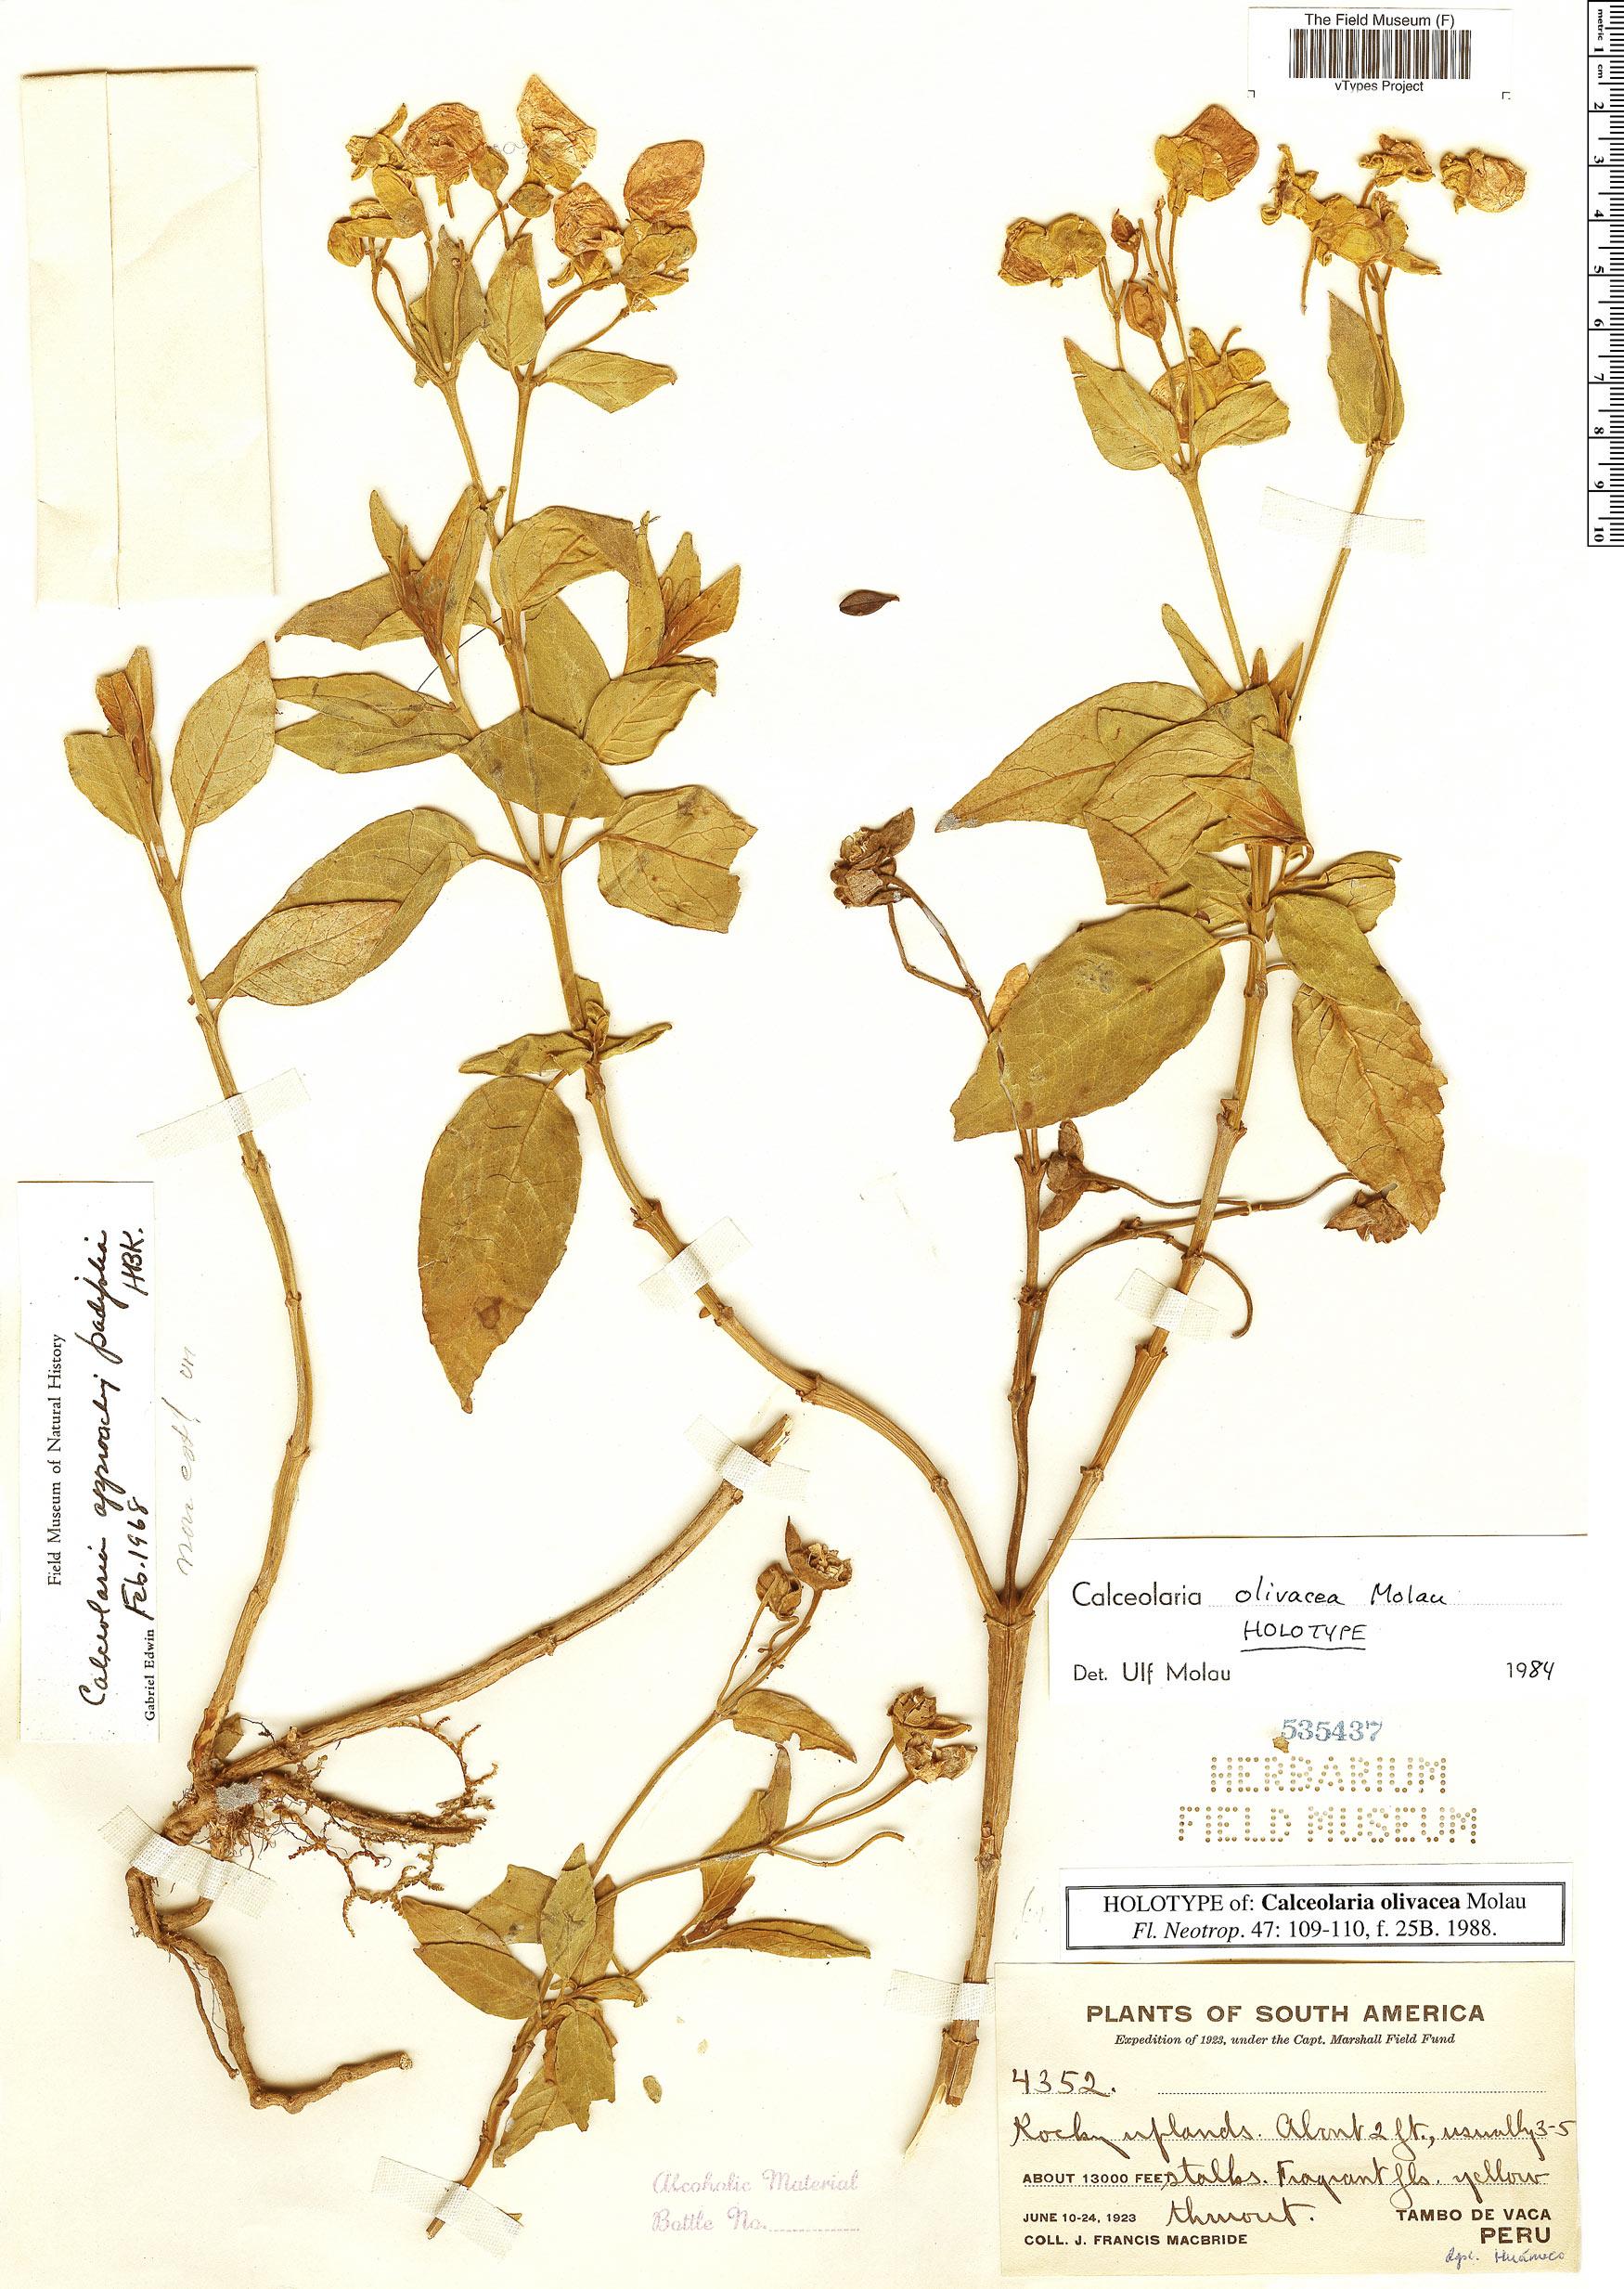 Specimen: Calceolaria olivacea